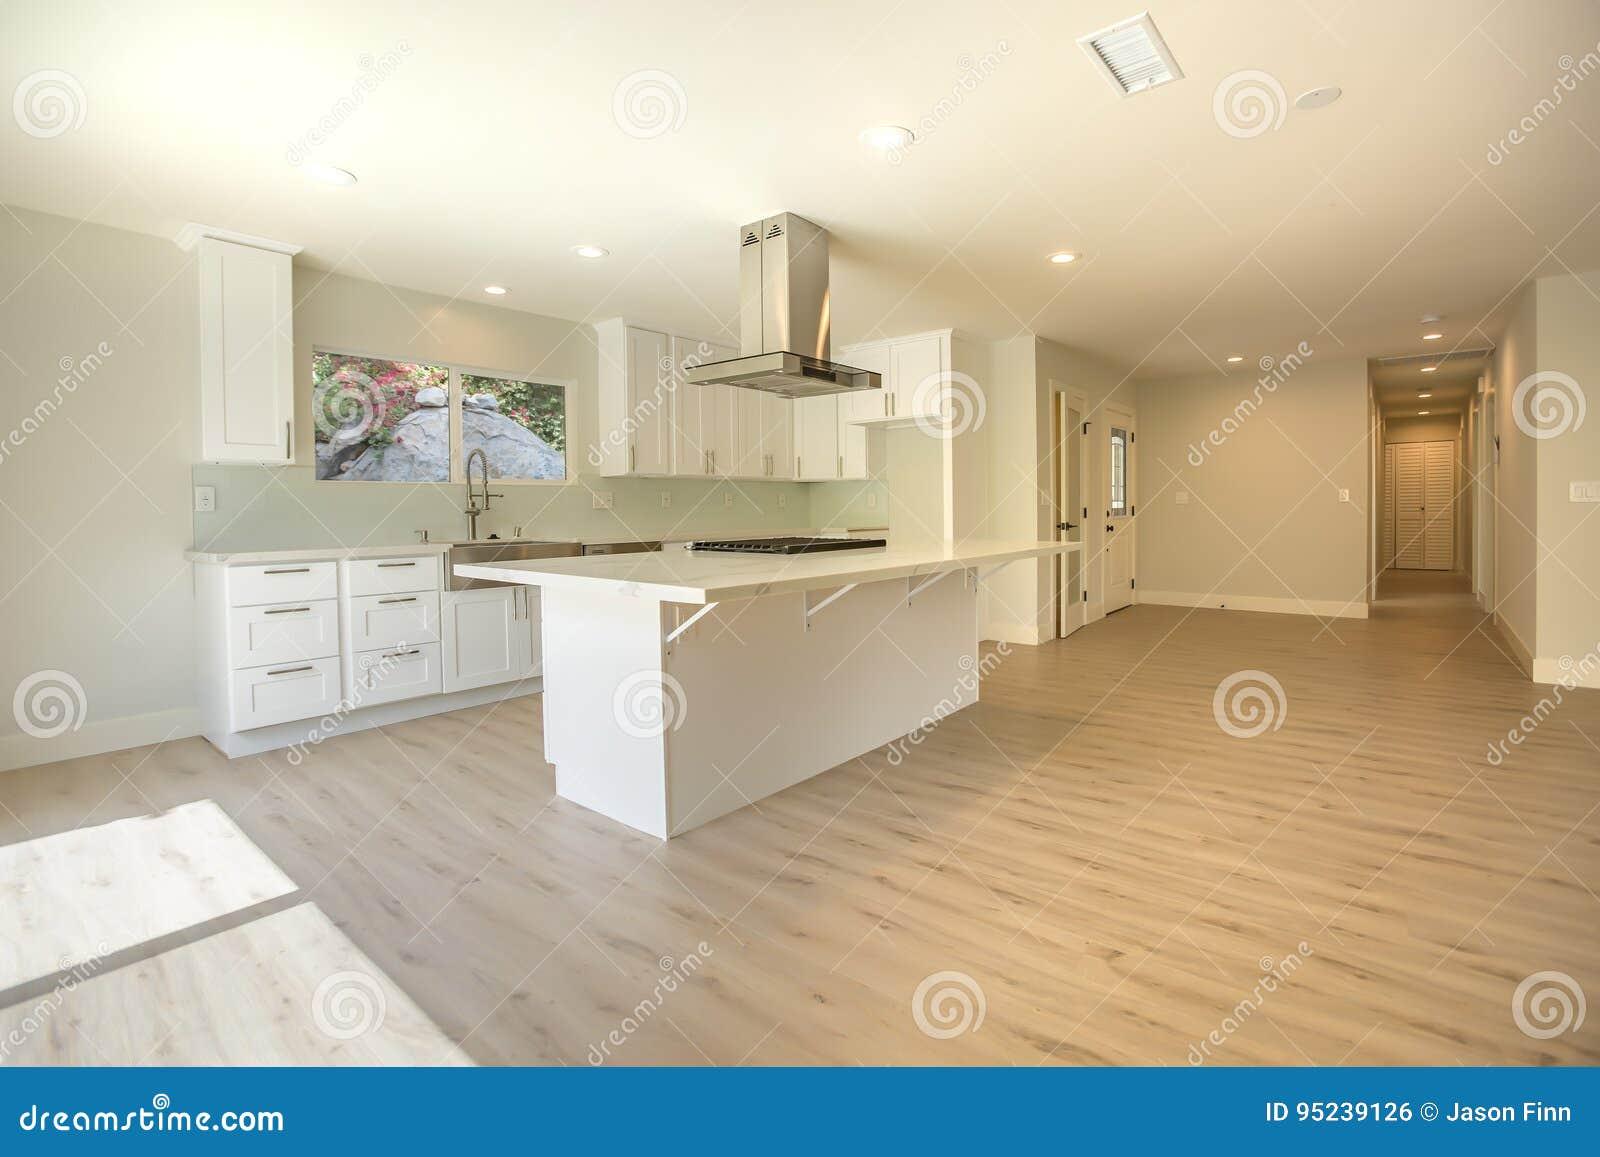 Moderne Houten Vloeren : Leeg huis met houten vloeren en ruime moderne keuken stock foto